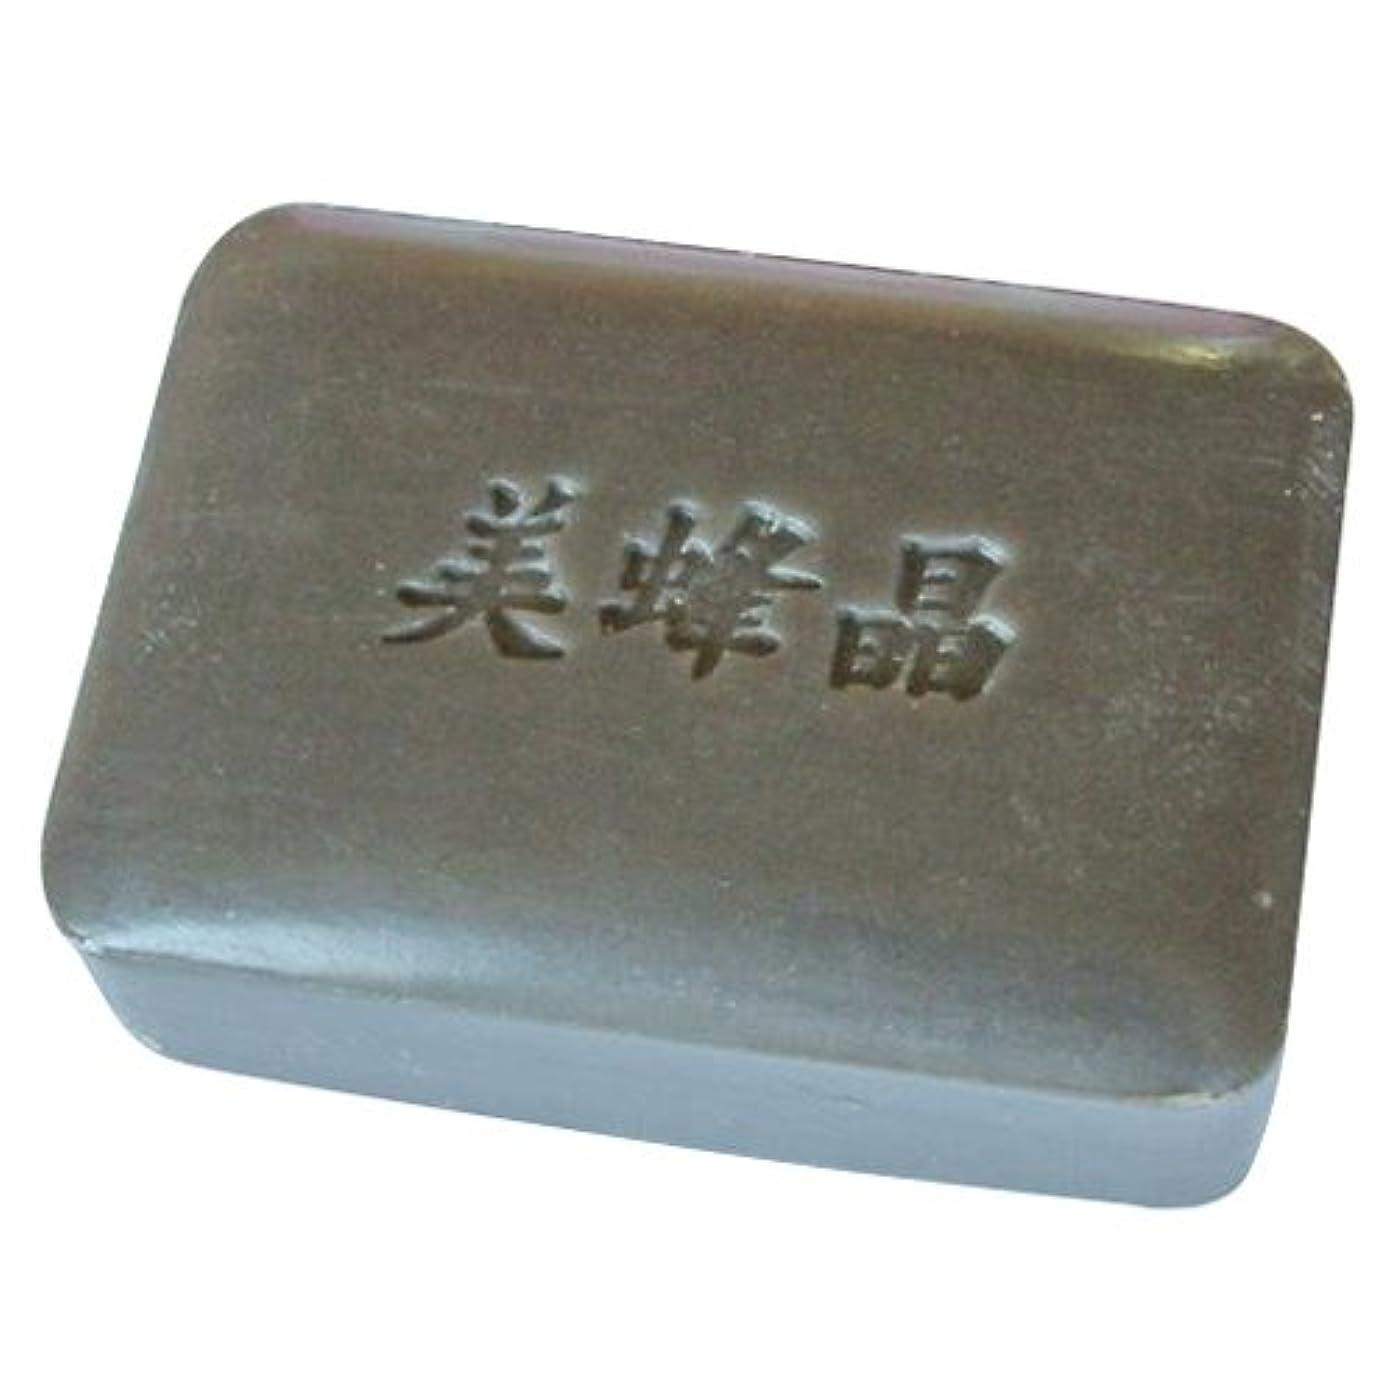 横カラス保持する鈴木養蜂場 プロポリス石鹸 美蜂晶100g 2個セット